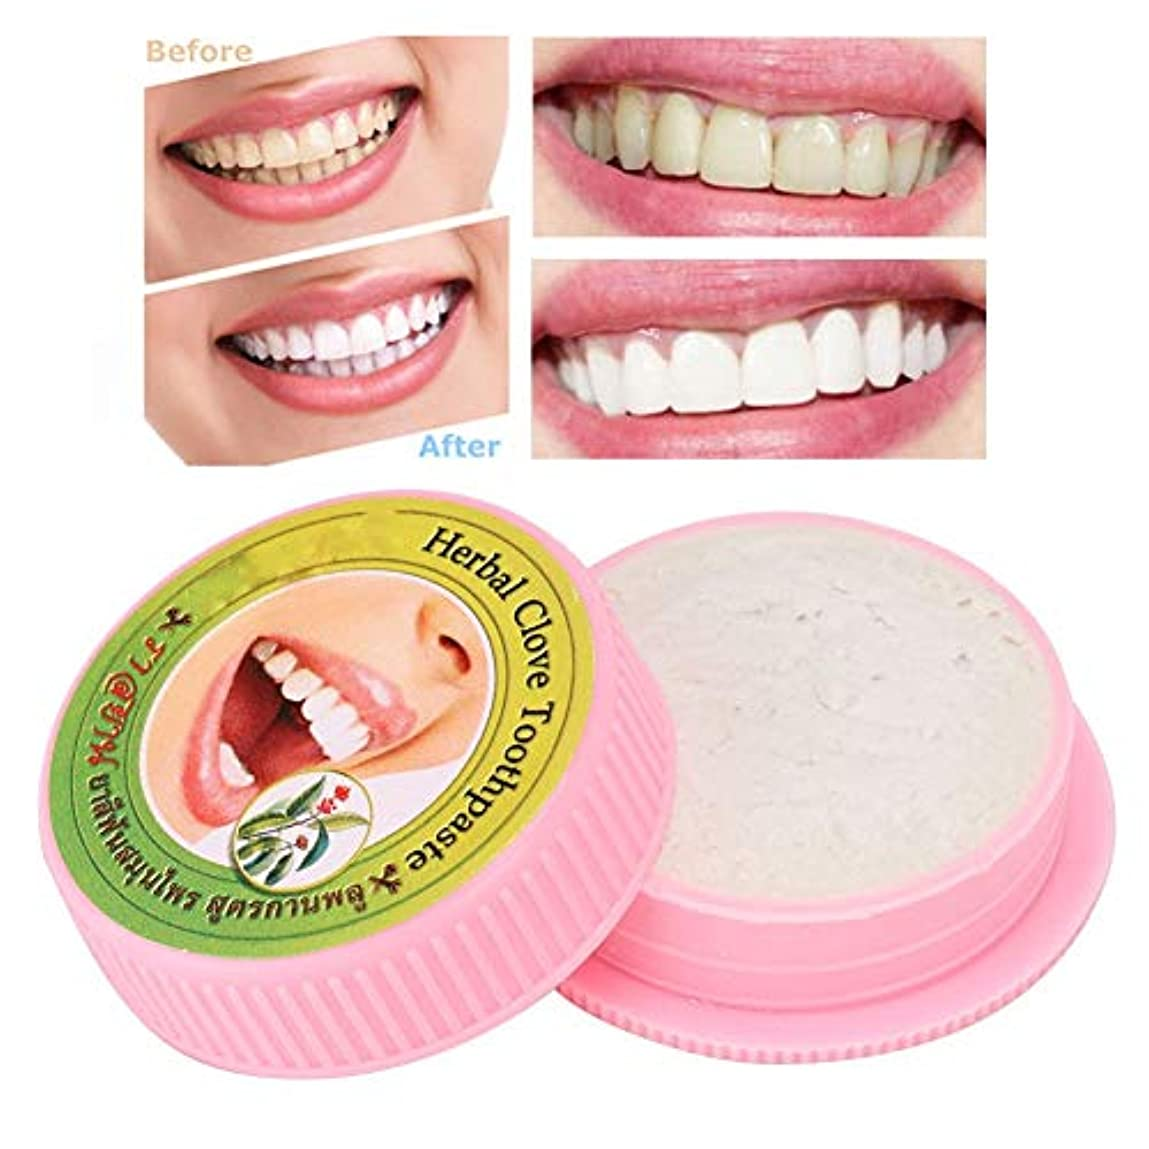 従来の労働一致するホワイトニング歯磨き粉、クローブ歯ホワイトニング歯磨き粉除去ステイントゥースパウダーマウスケア25g